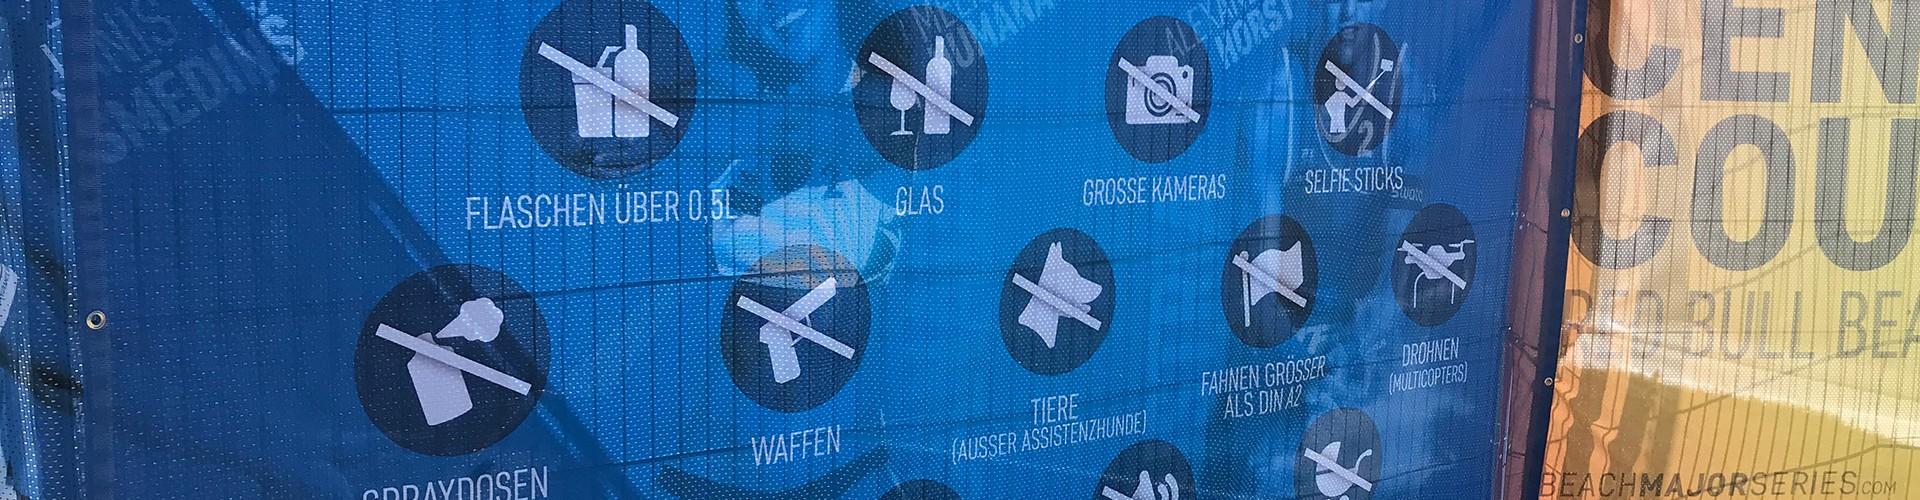 Plakat mit Text: Verbotene Gegenstände im Veranstaltungsgelände. Dann 15 Verbote unter anderem Tiere, ausgenommen Assistenzhunde)